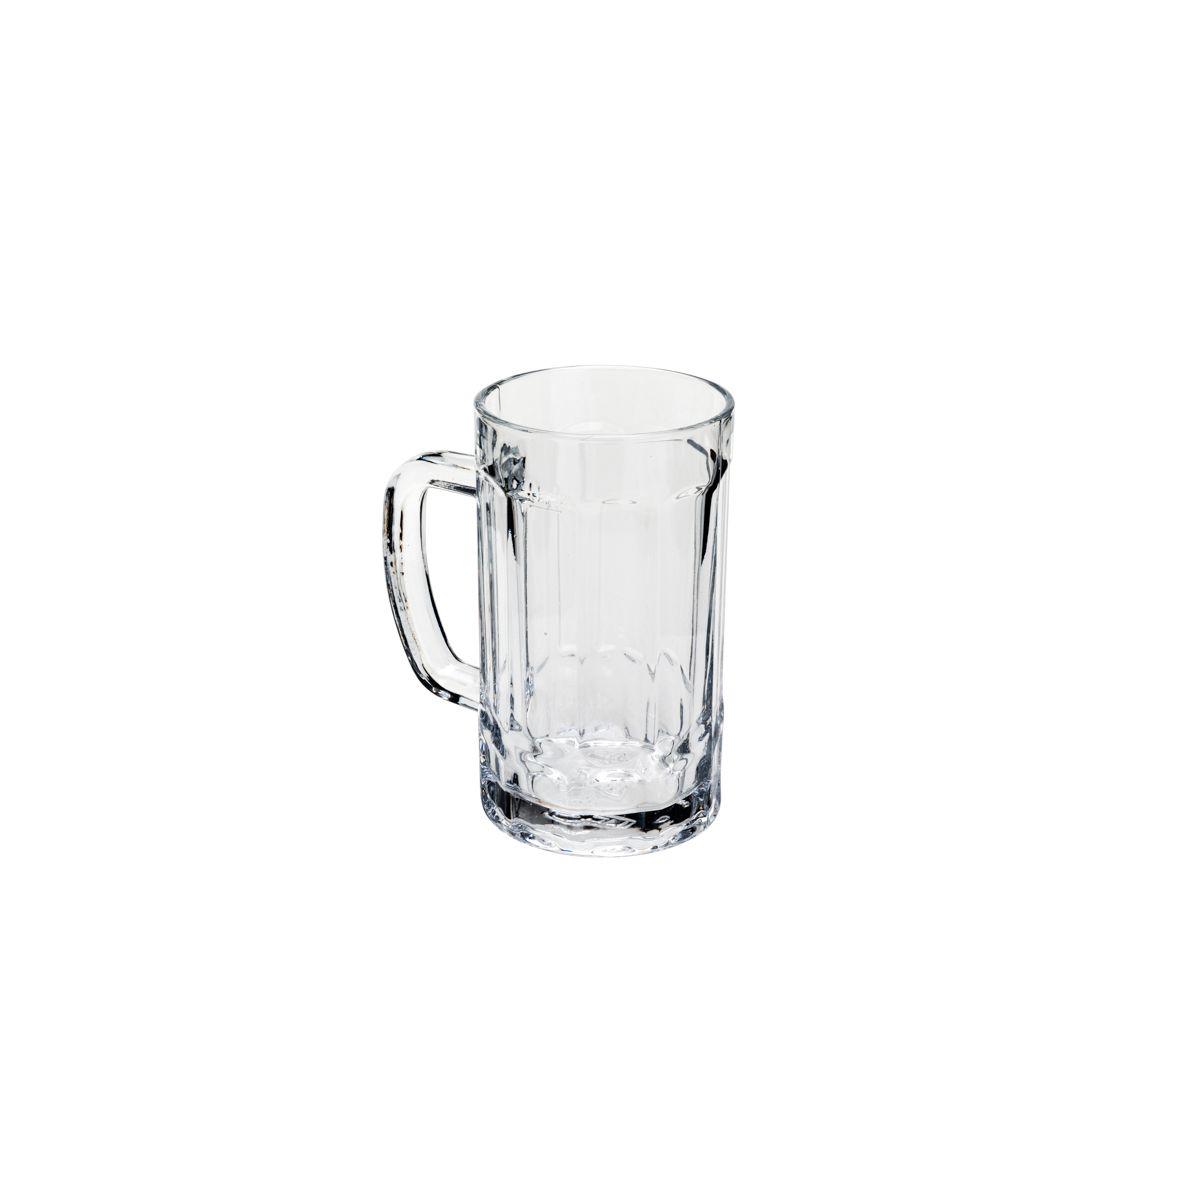 Caneca 400ml para chopp e cerveja de vidro transparente com alça Faces Lyor - L7473